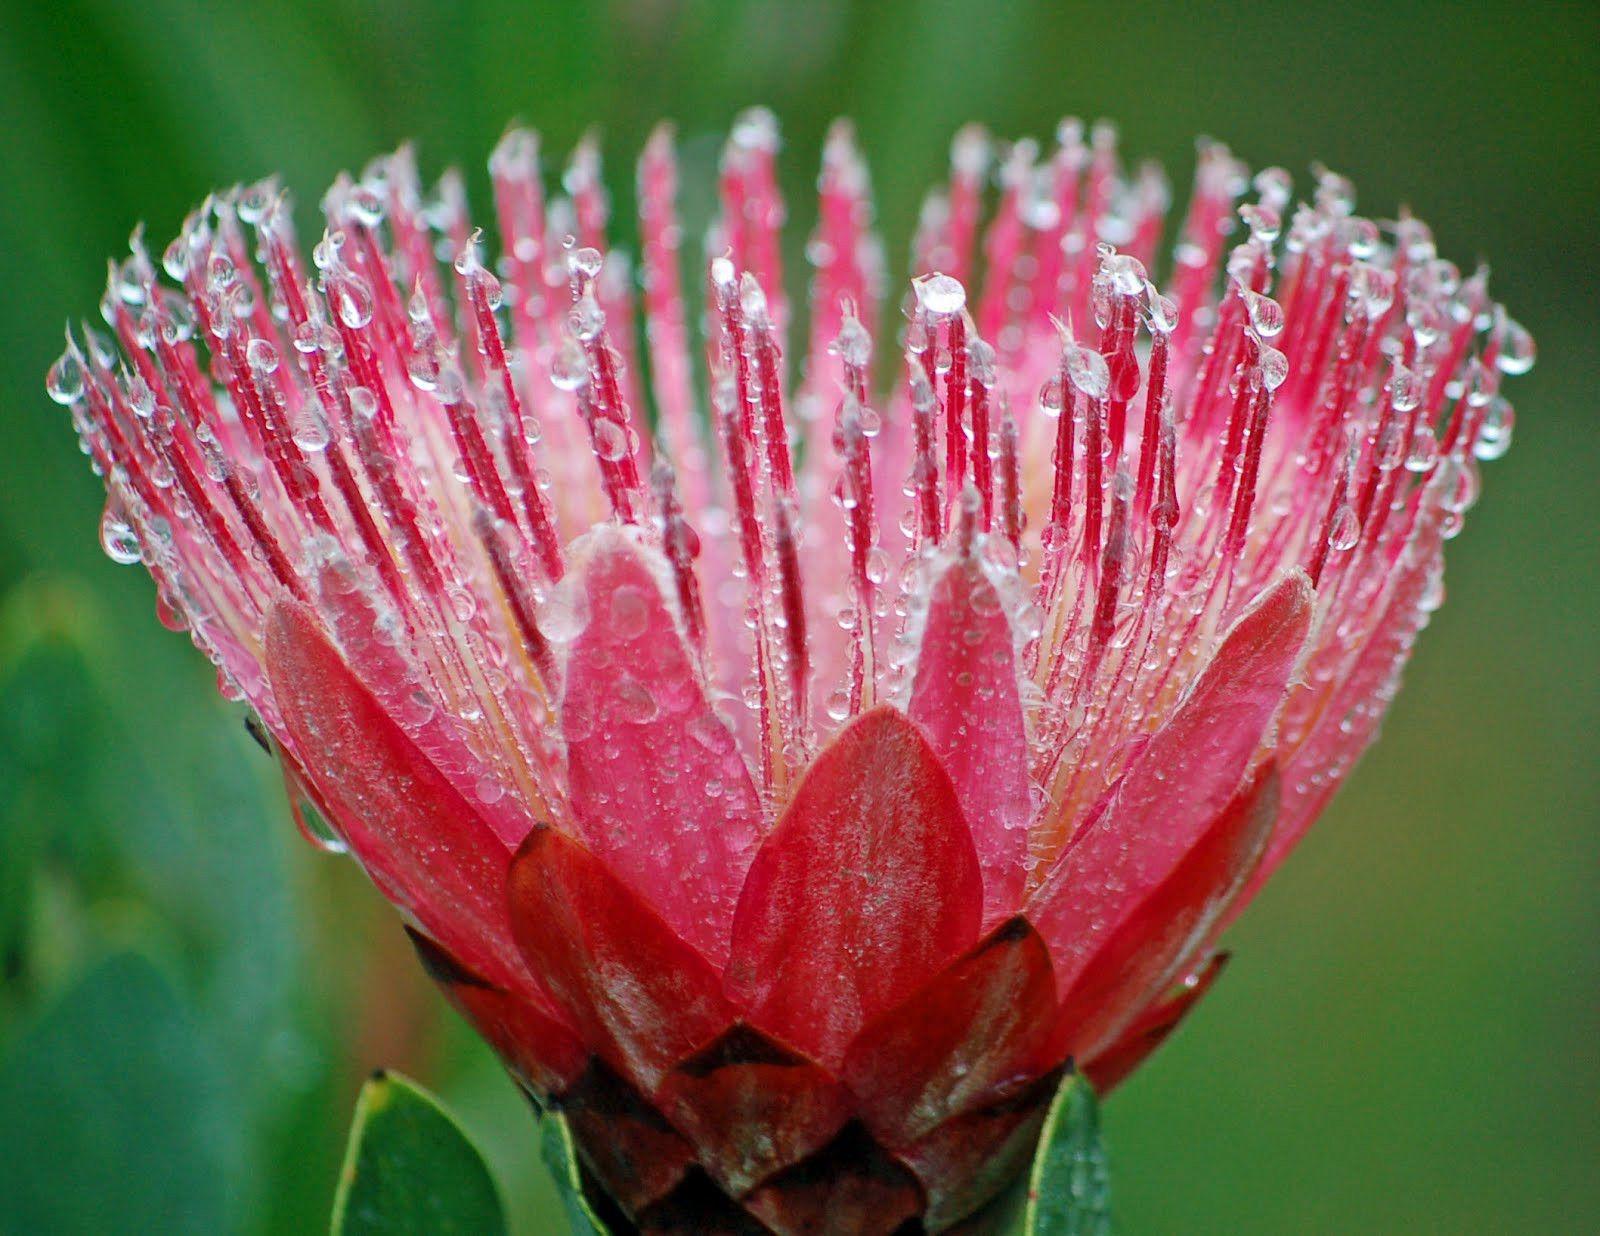 The Latest Trend In Protea Plant Uk Protea Plant Uk In 2020 Plants Uk Protea Plant Plants